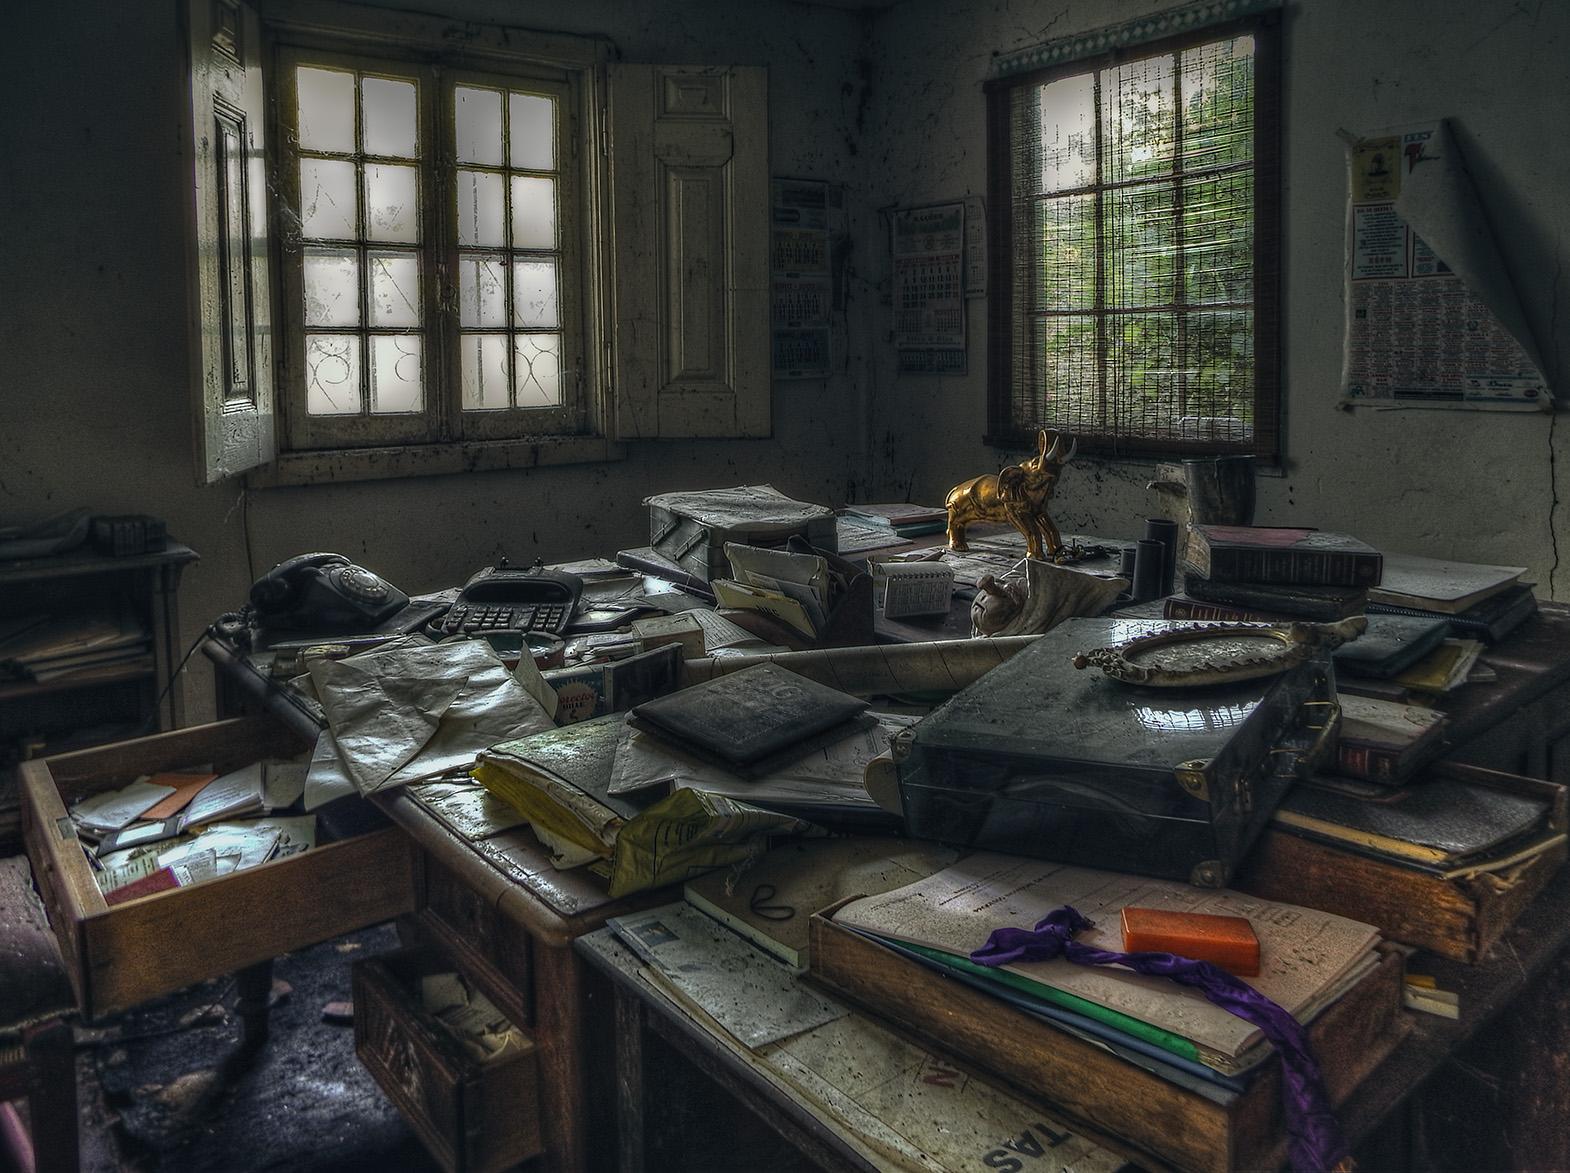 Hintergrundbilder : Fenster, Dunkel, Zimmer, Verlassen, Holz, Haus, Büro,  Telefon, Gold, Elefant, Innenarchitektur, Zerfallen, Chaos, Schreibtisch,  Fabrik, ...